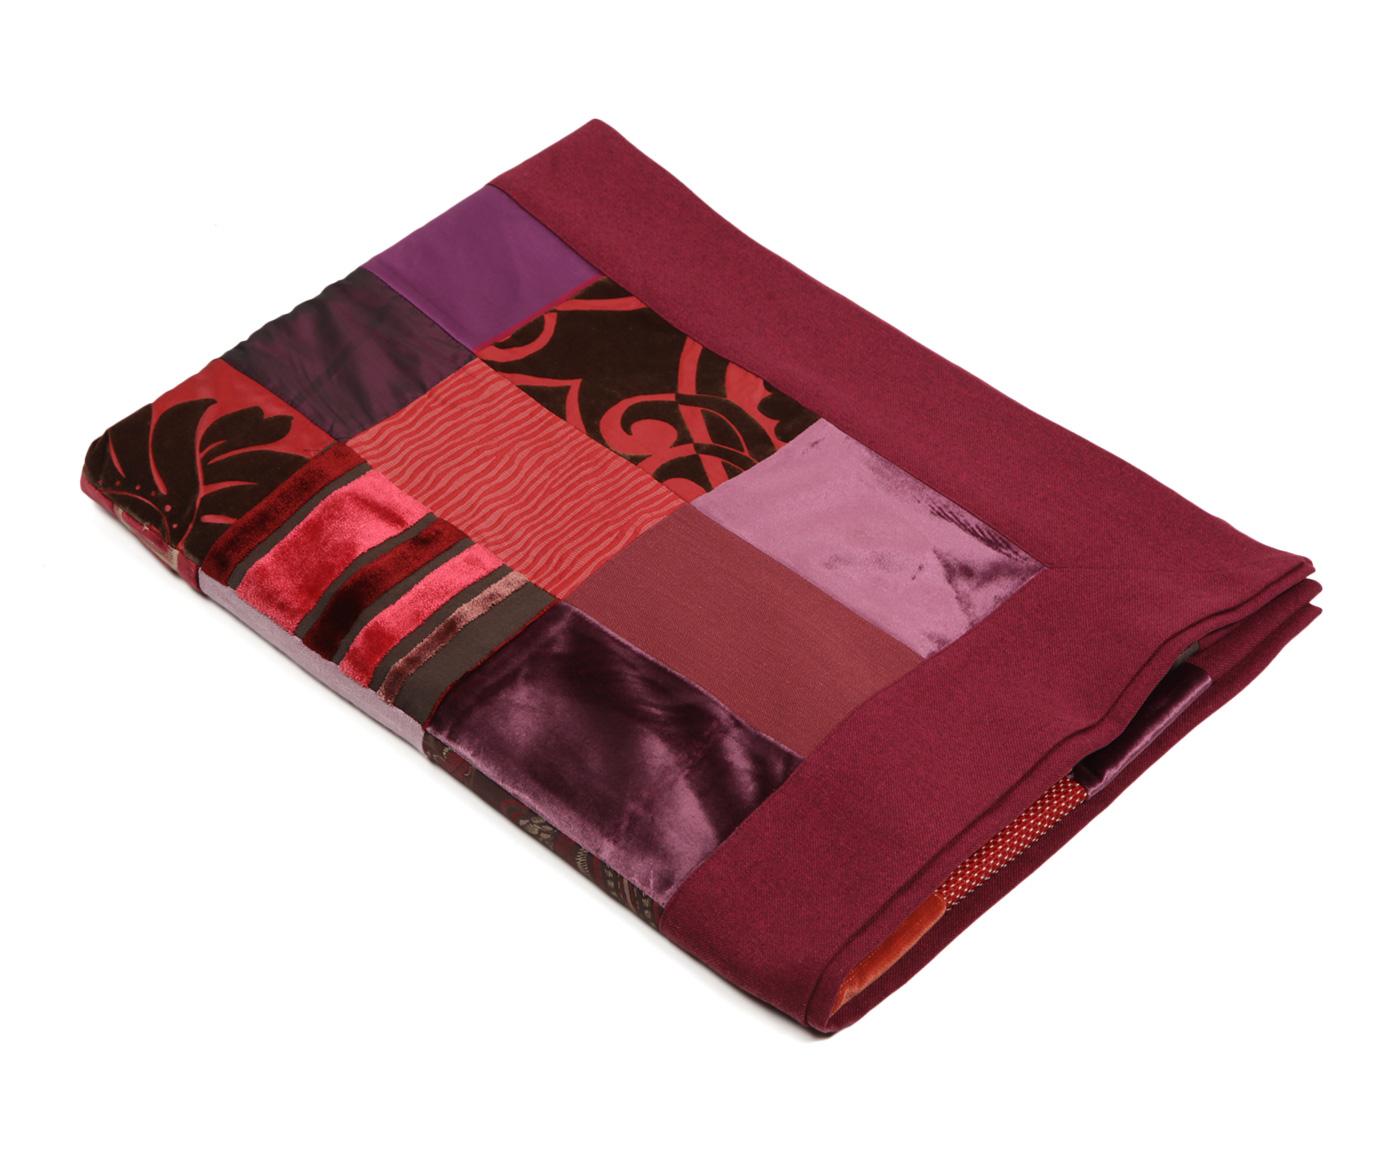 Плед МечтаСинтетические пледы<br>Плед выполнен в стиле пэчворк. Используется как саше на кровать.<br><br>Material: Вискоза<br>Length см: 230<br>Width см: 90<br>Height см: None